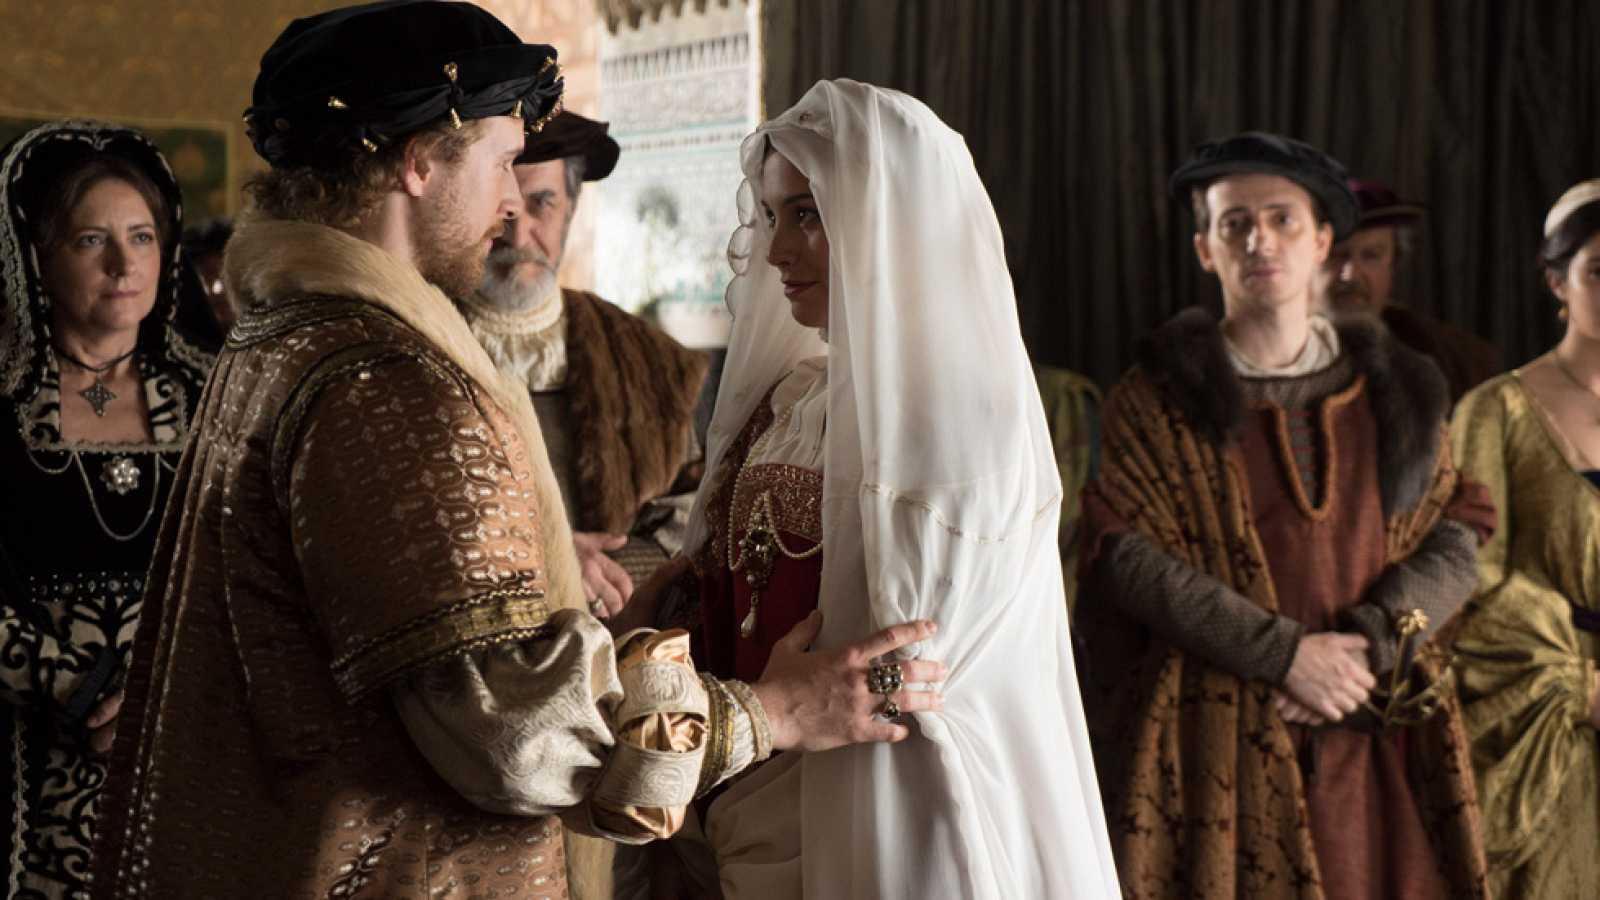 Álvaro Cervantes y Blanca Suárez nos cuentan cómo fue la boda de Carlos V e Isabel de Portugal